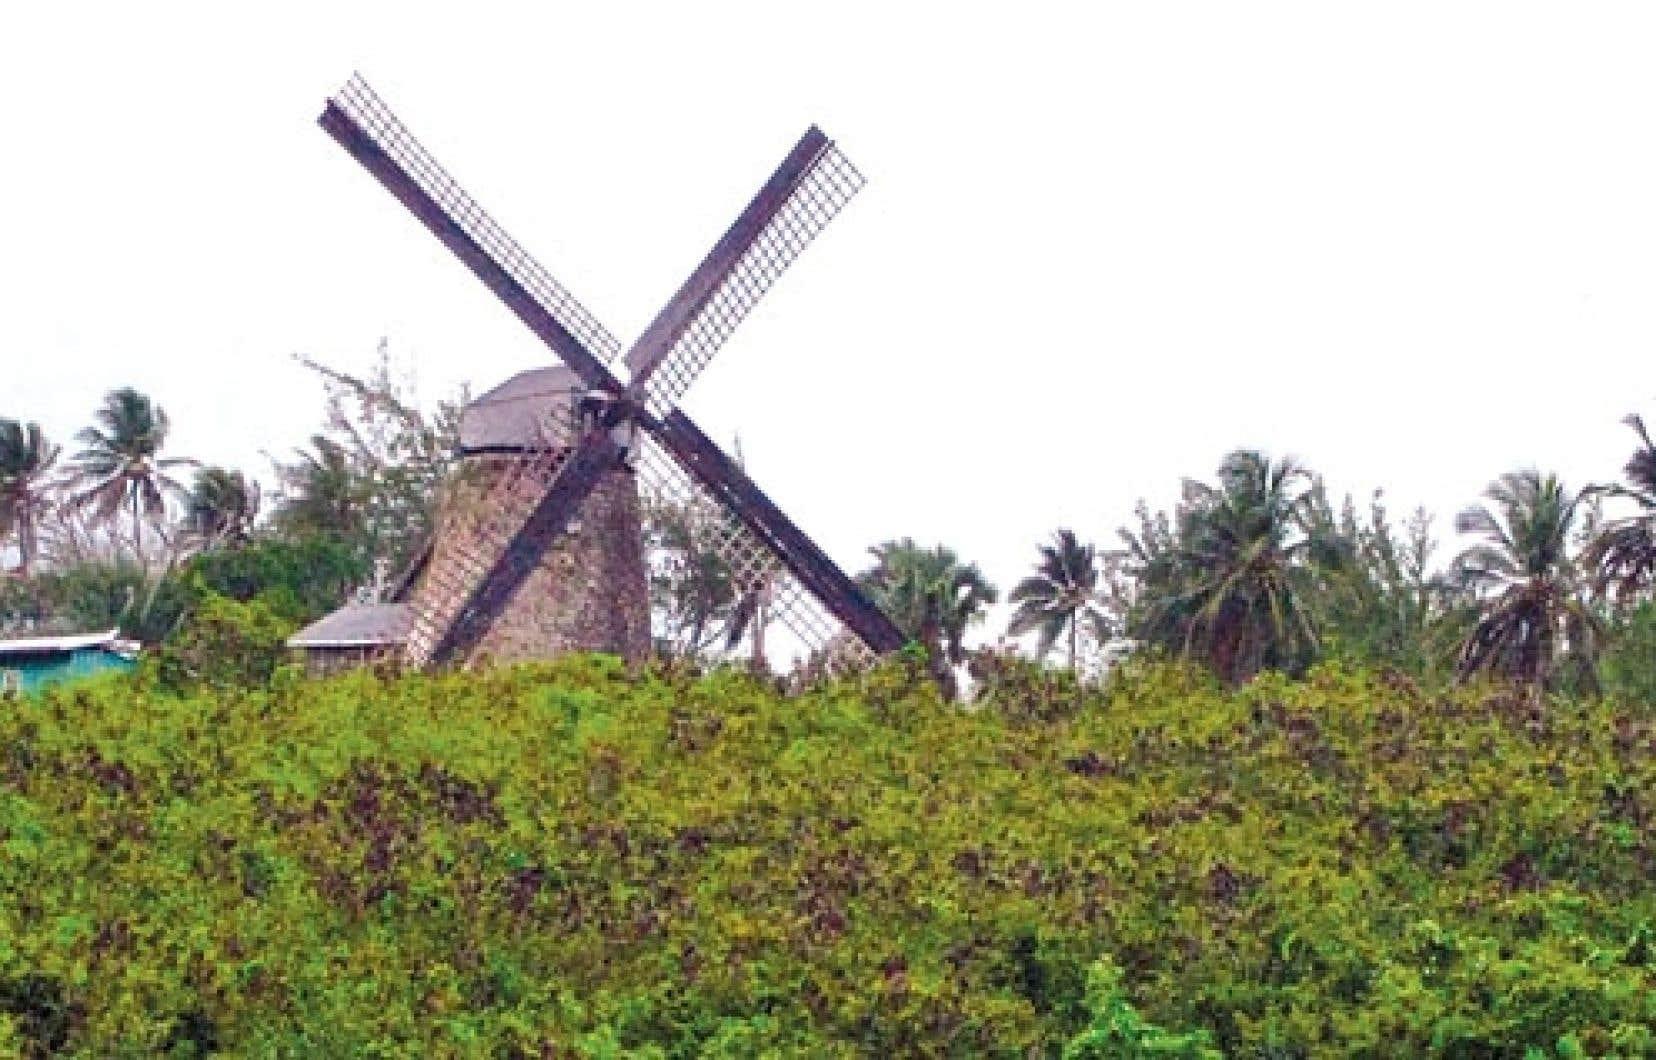 Le Morgan Lewis Mill, l'un des plus grands moulins encore intacts de la région.